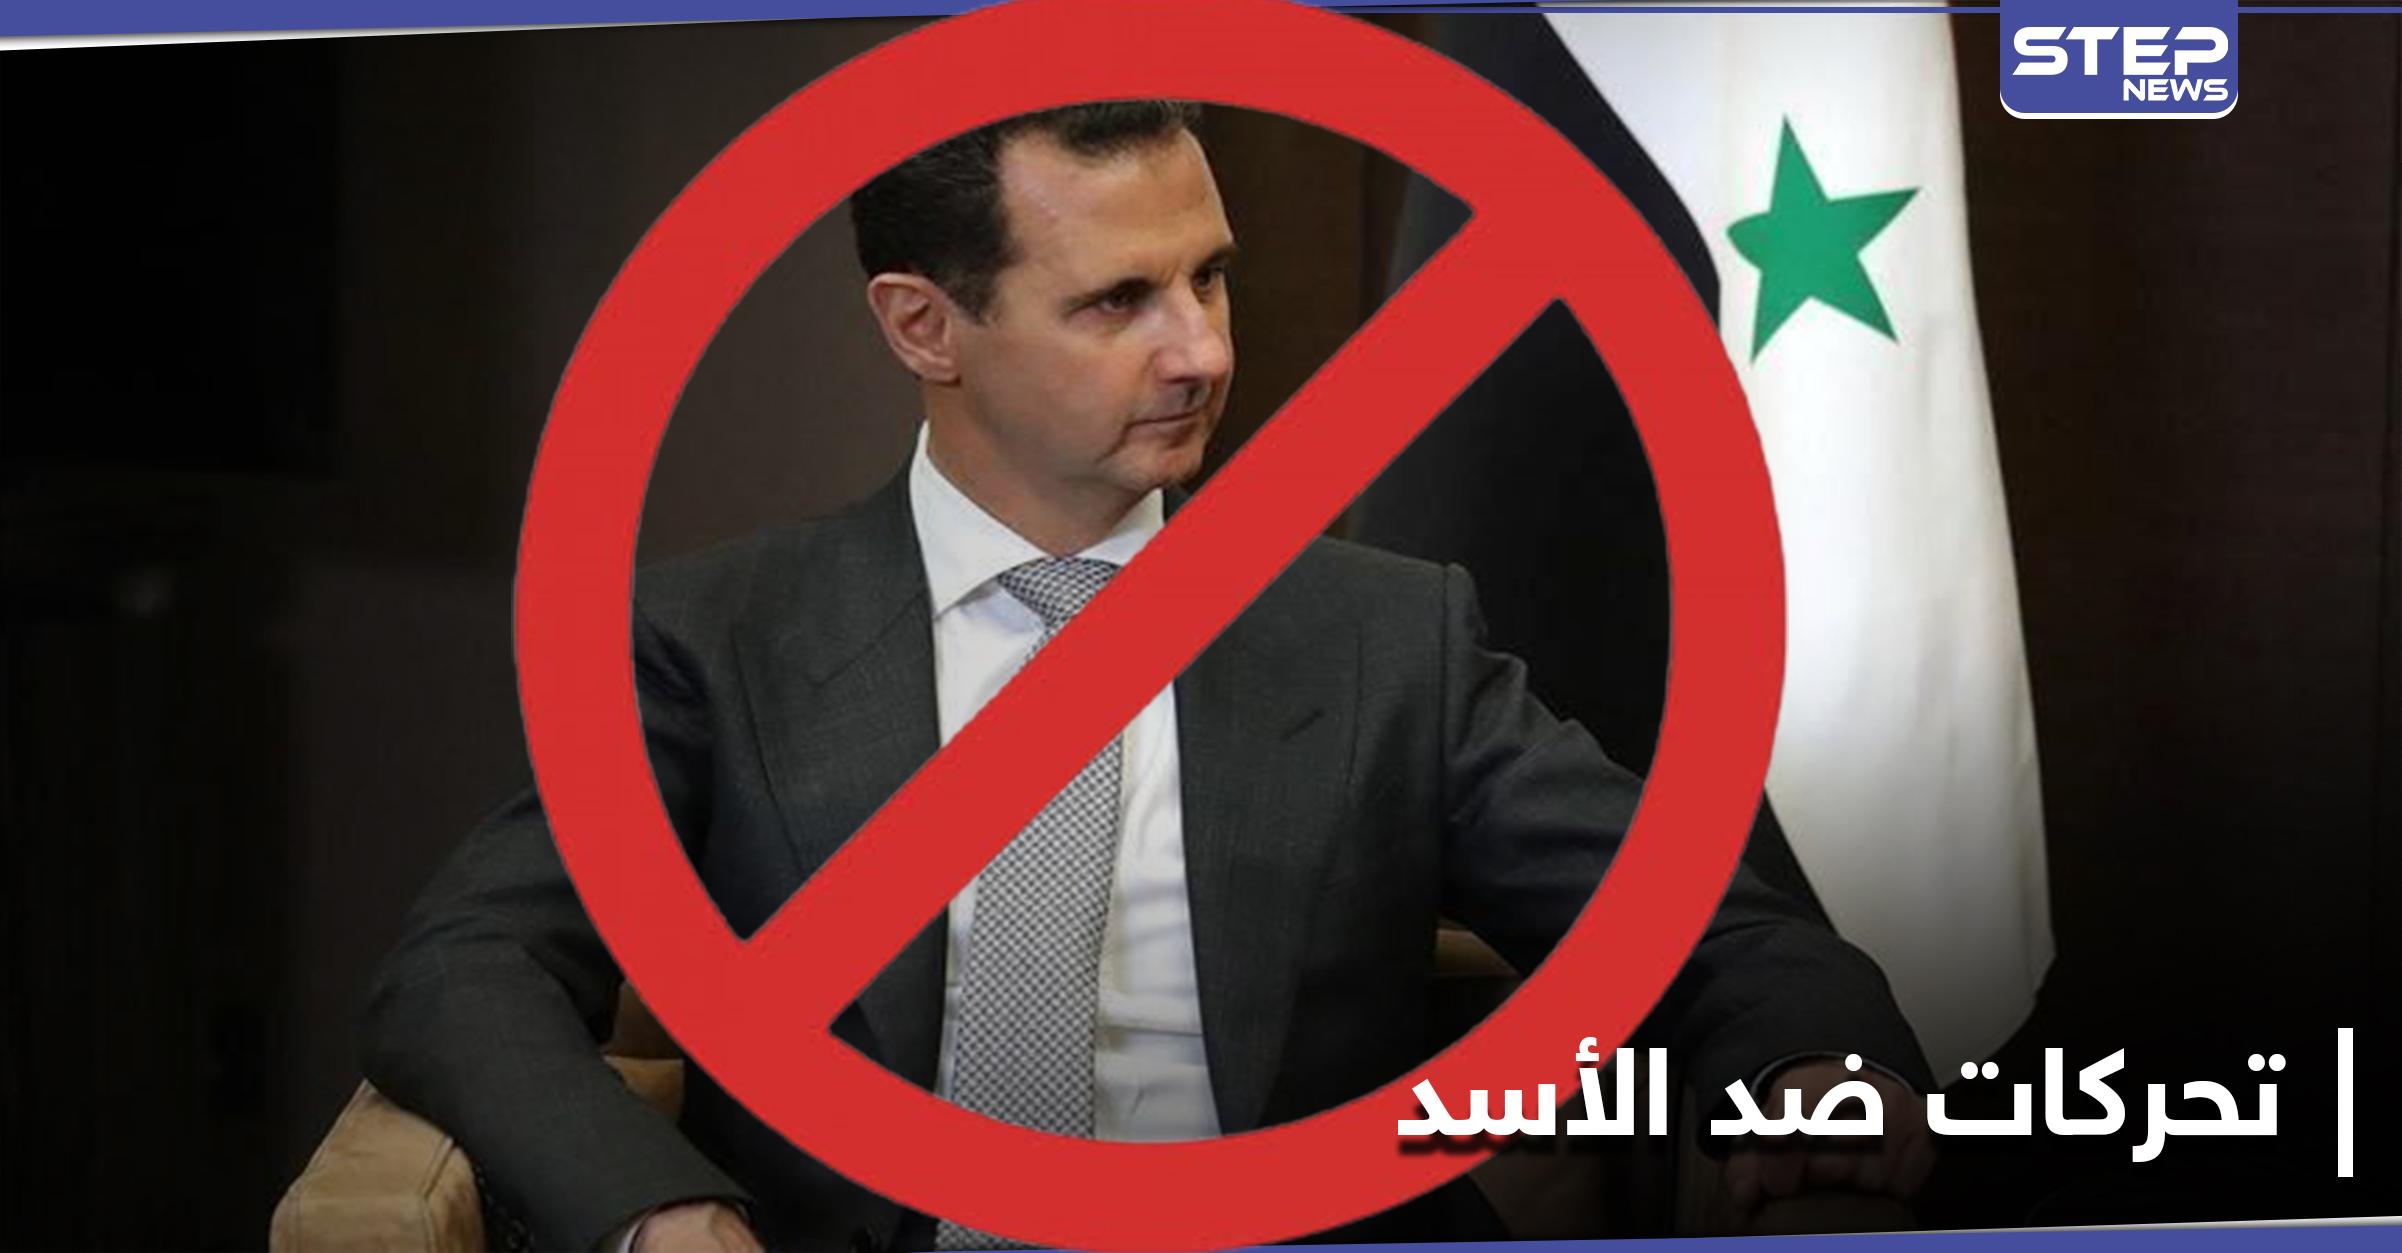 قبل الانتخابات.. تحركات أوروبية لمنع تولي بشار الأسد الرئاسة مرة أخرى